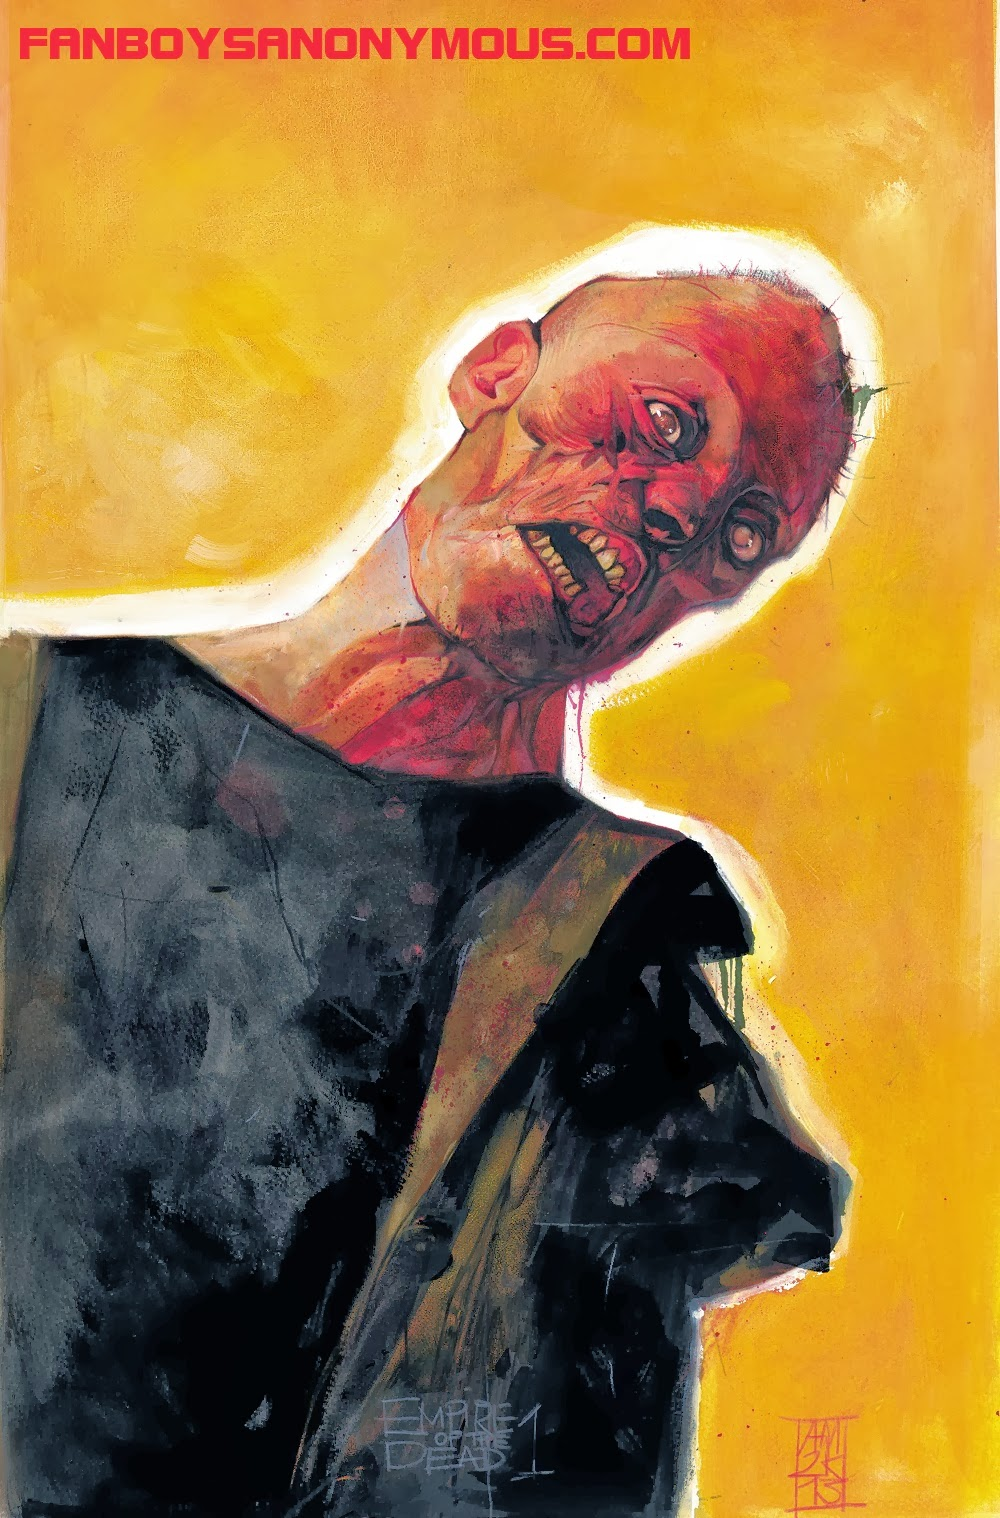 George Romero Marvel vampire zombie miniseries Empire of the Dead